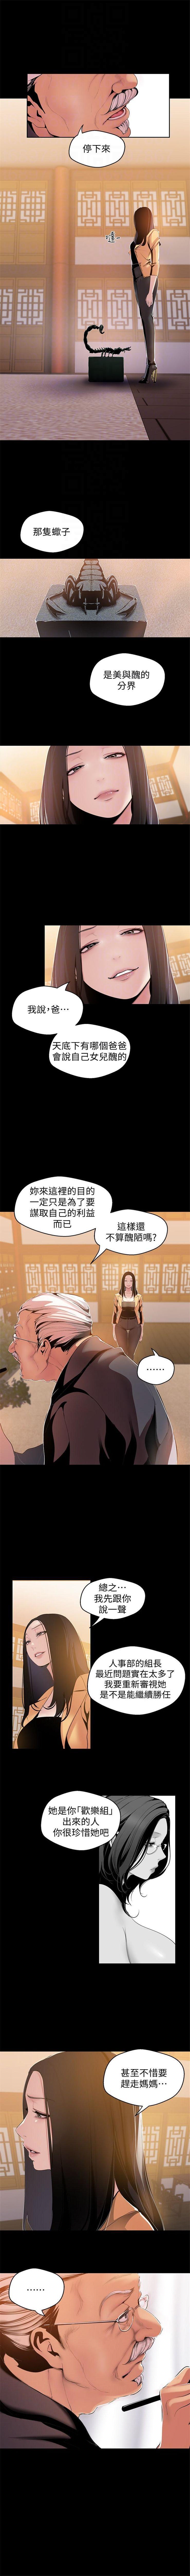 (週1)美麗新世界 1-76 中文翻譯 (更新中) 390